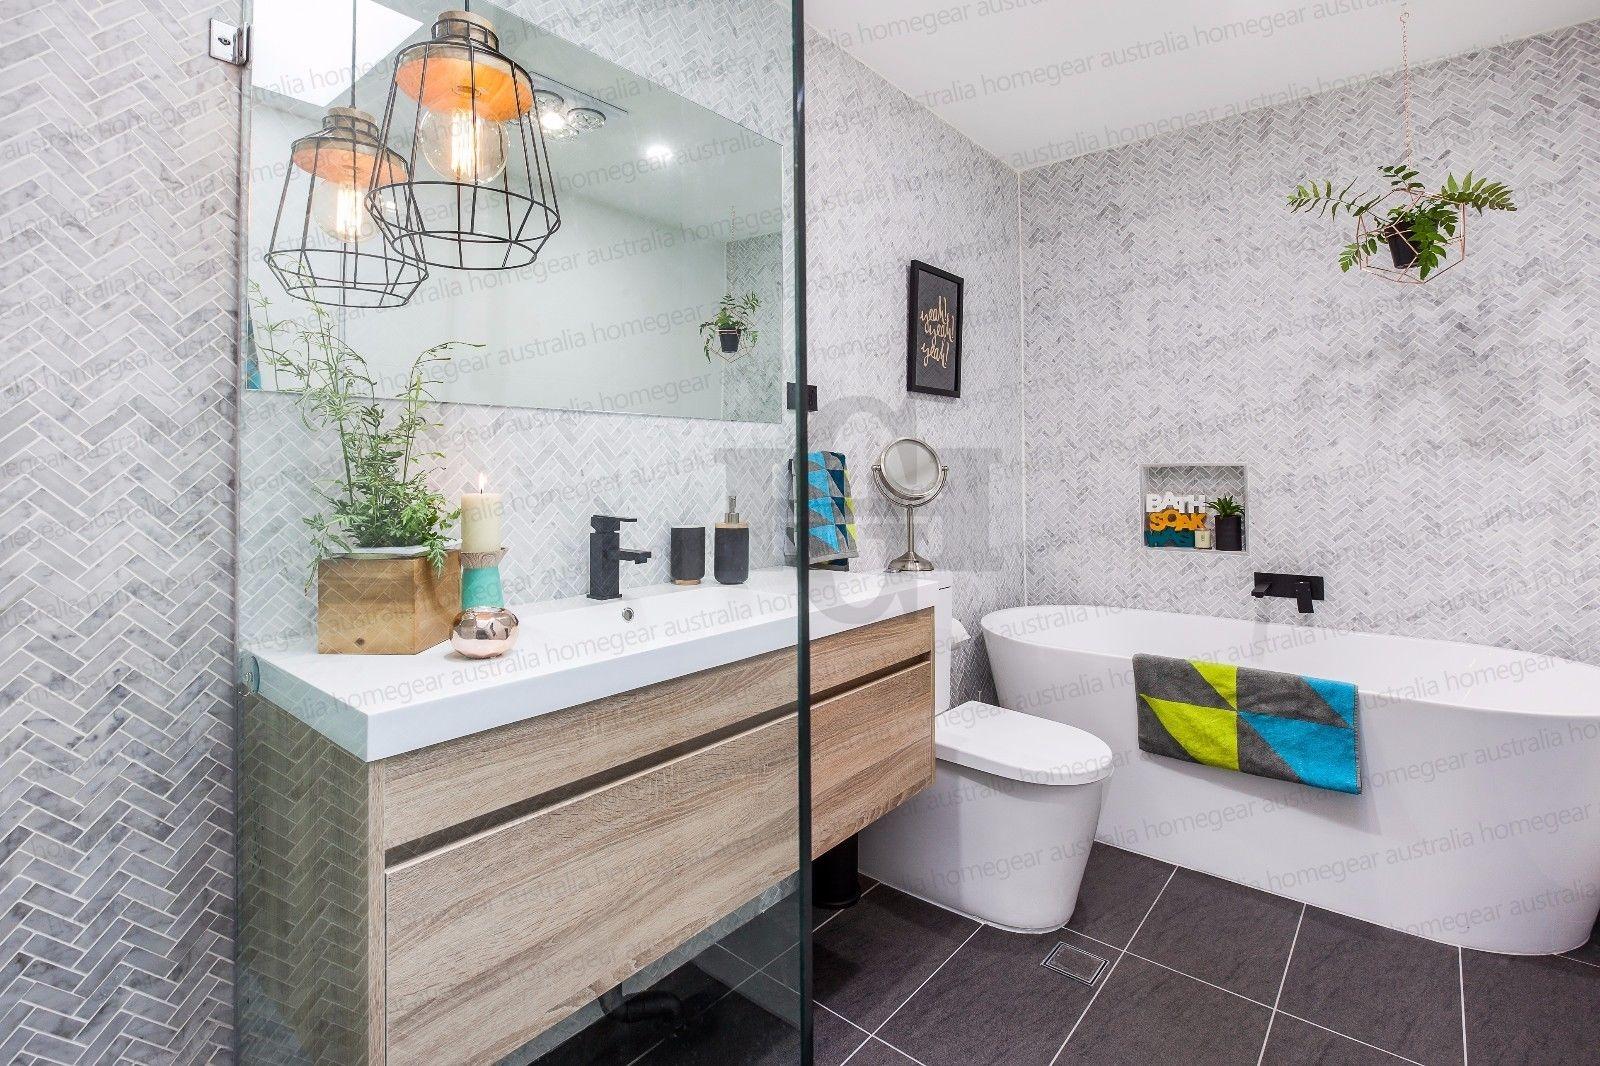 Bathroom mirrows